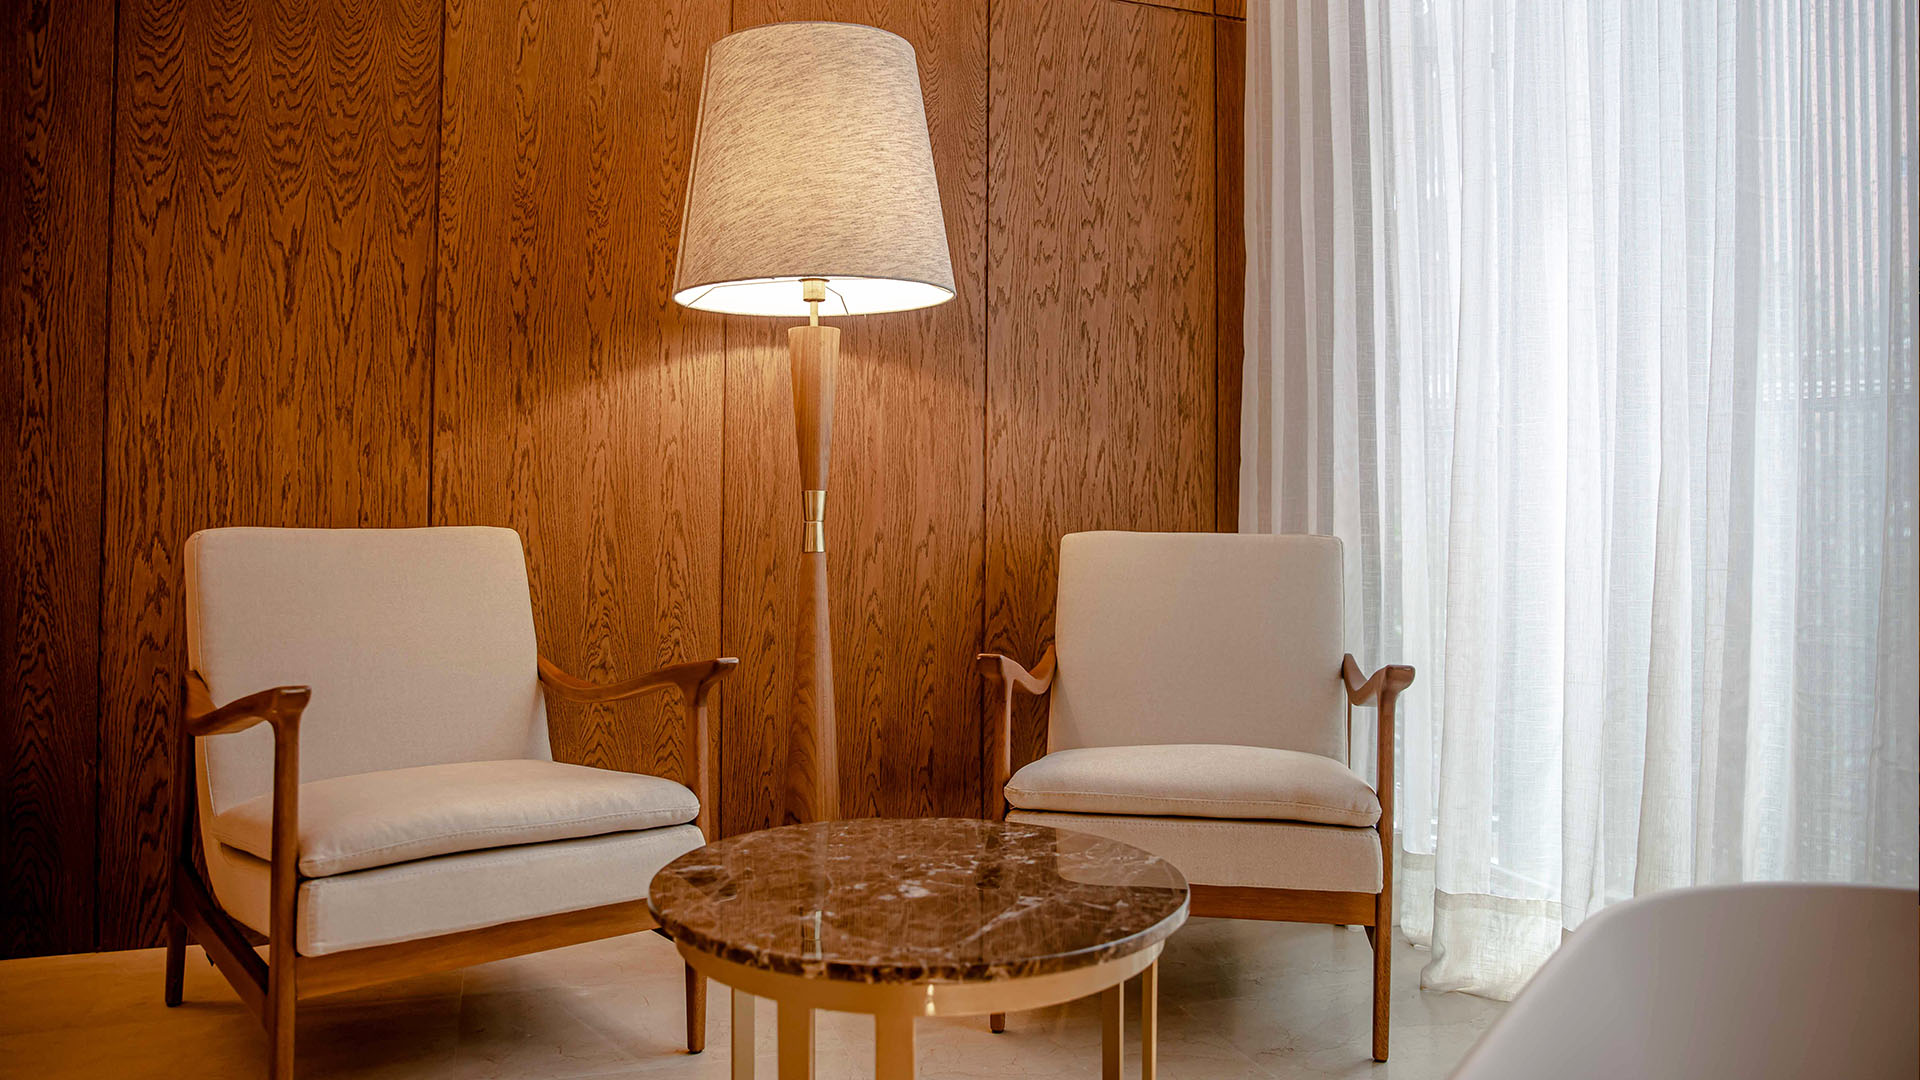 hotel exclusivo medellin colombia